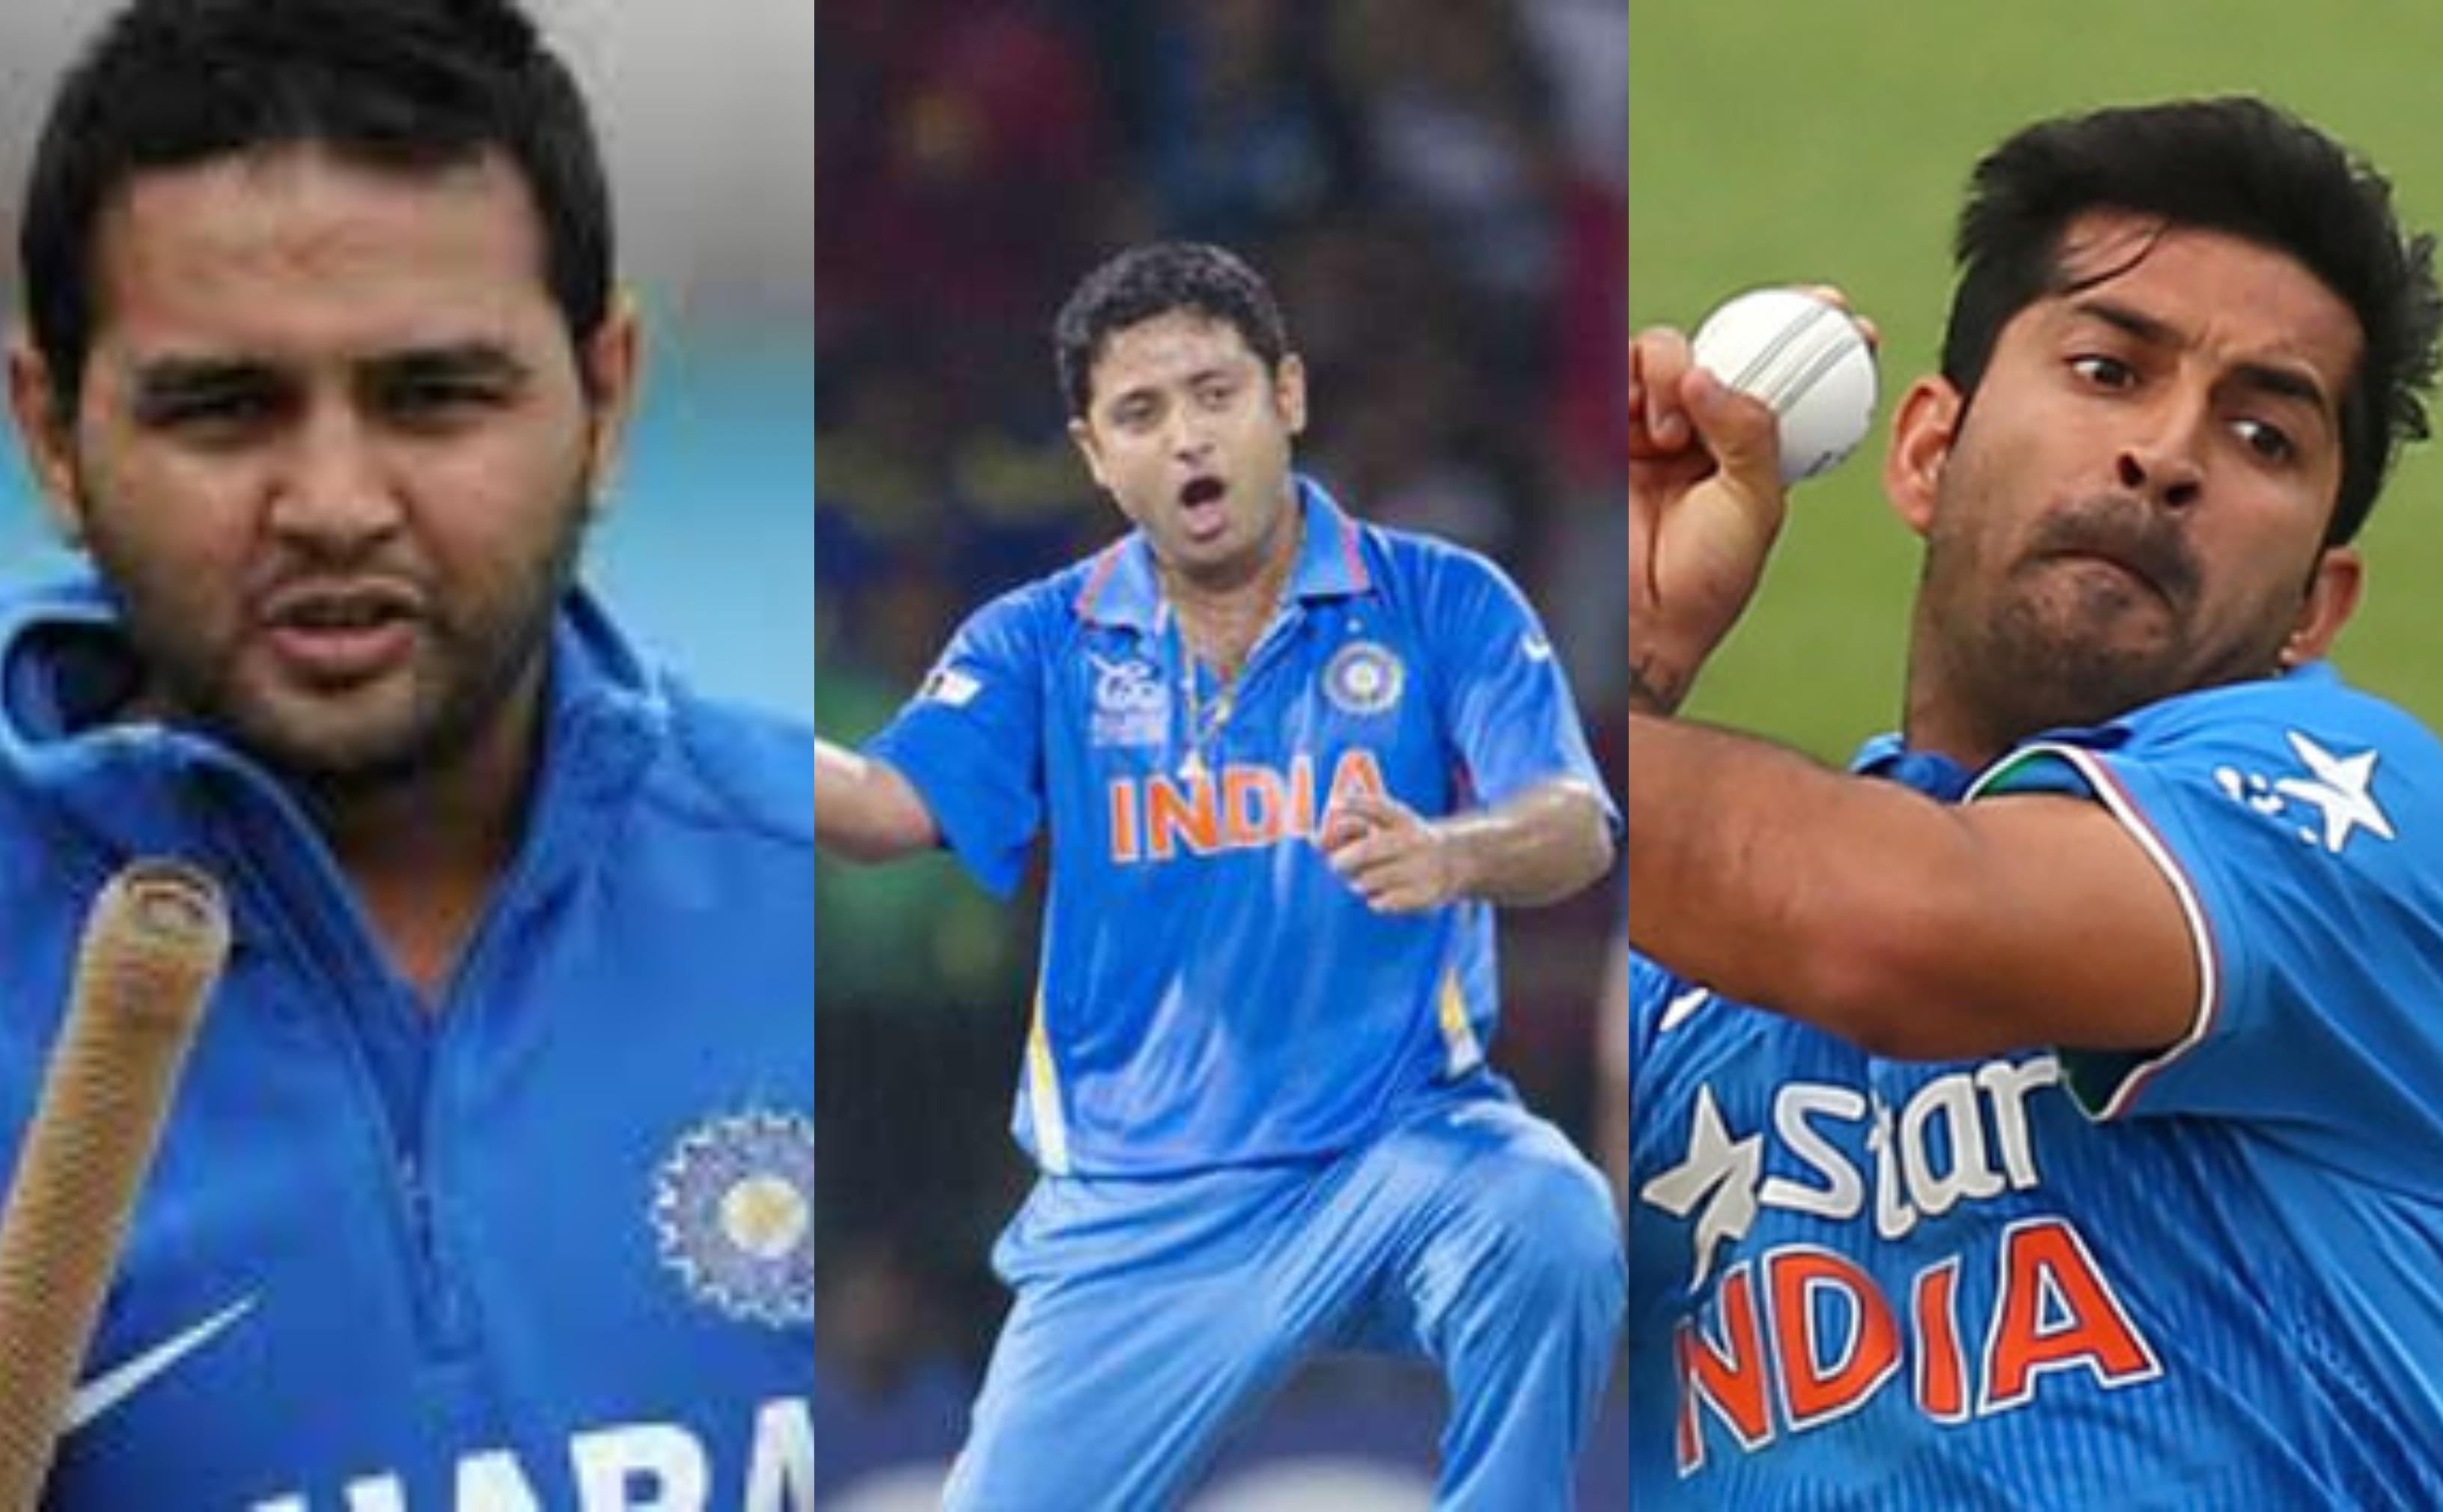 5 खिलाड़ी जो शायद भारत के लिए दोबारा नहीं खेल पाएंगे कोई मैच 14